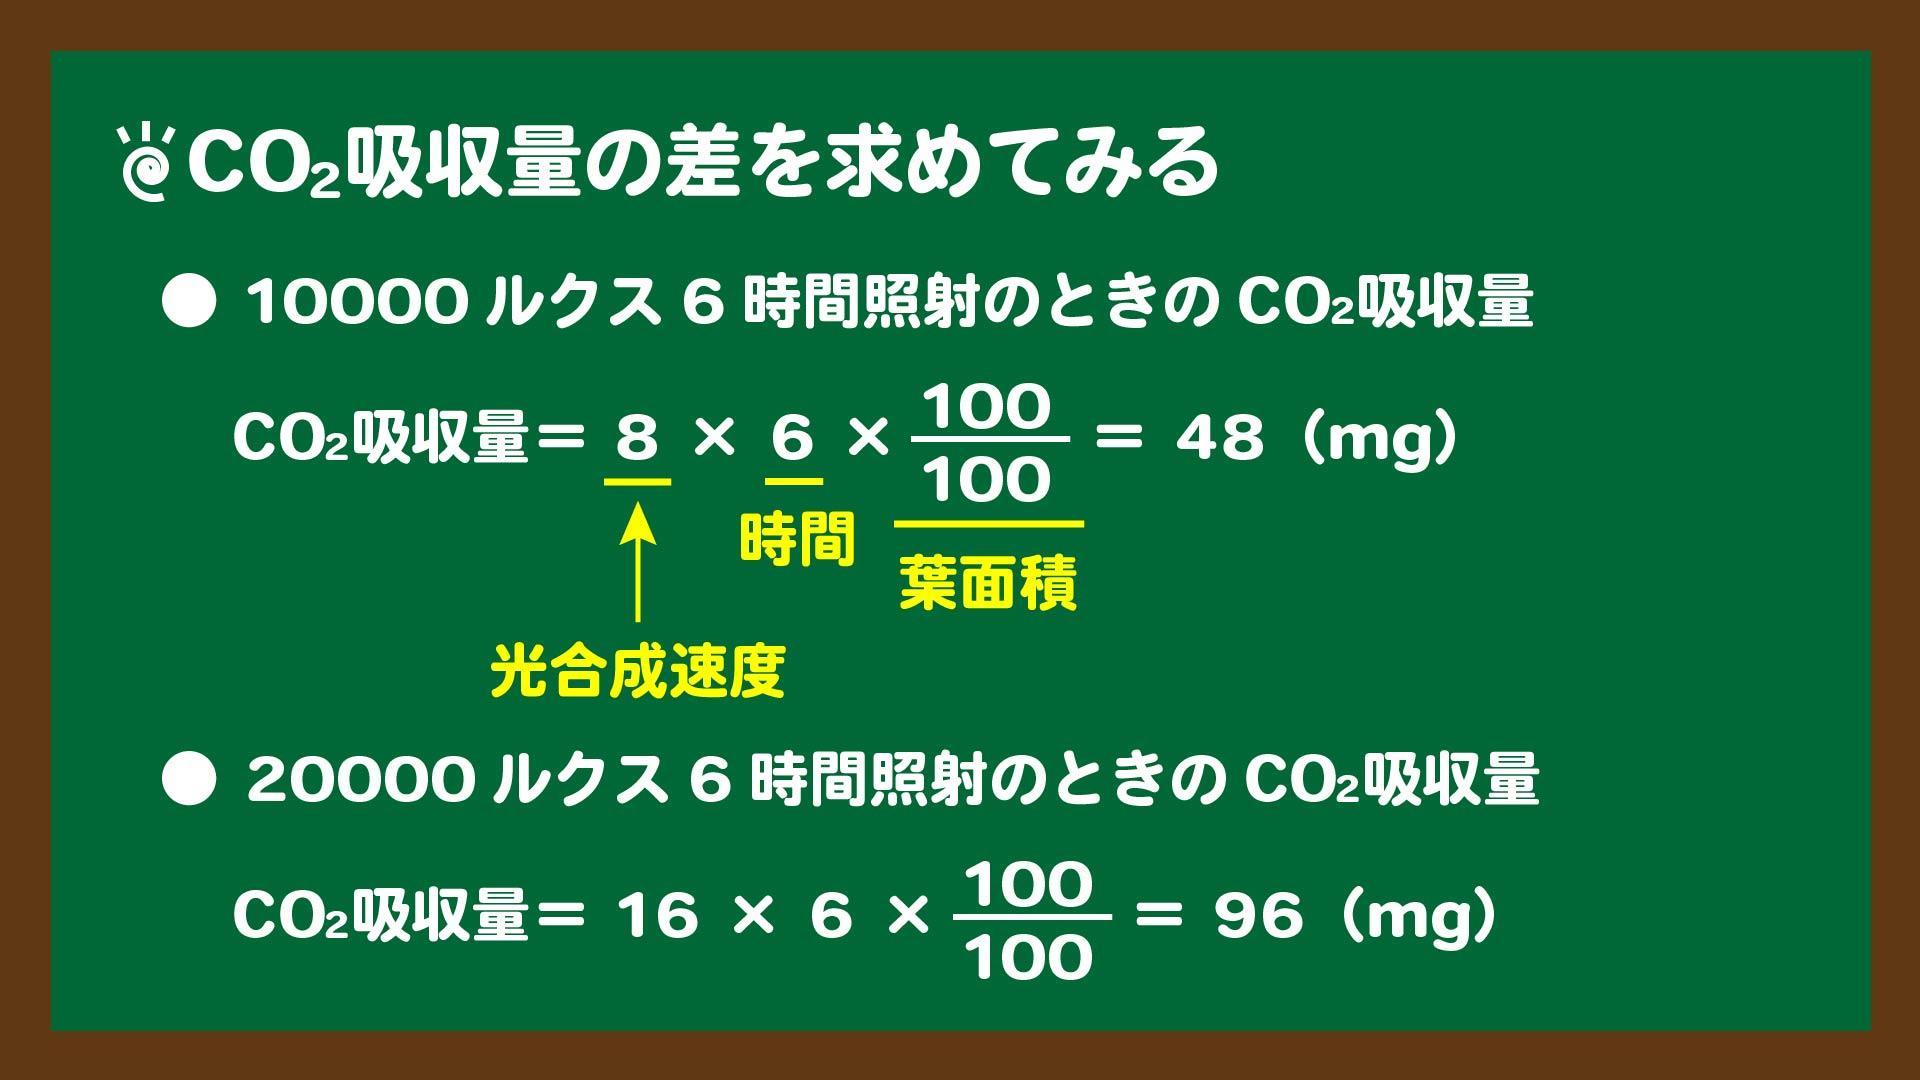 CO2吸収量の計算のスライド